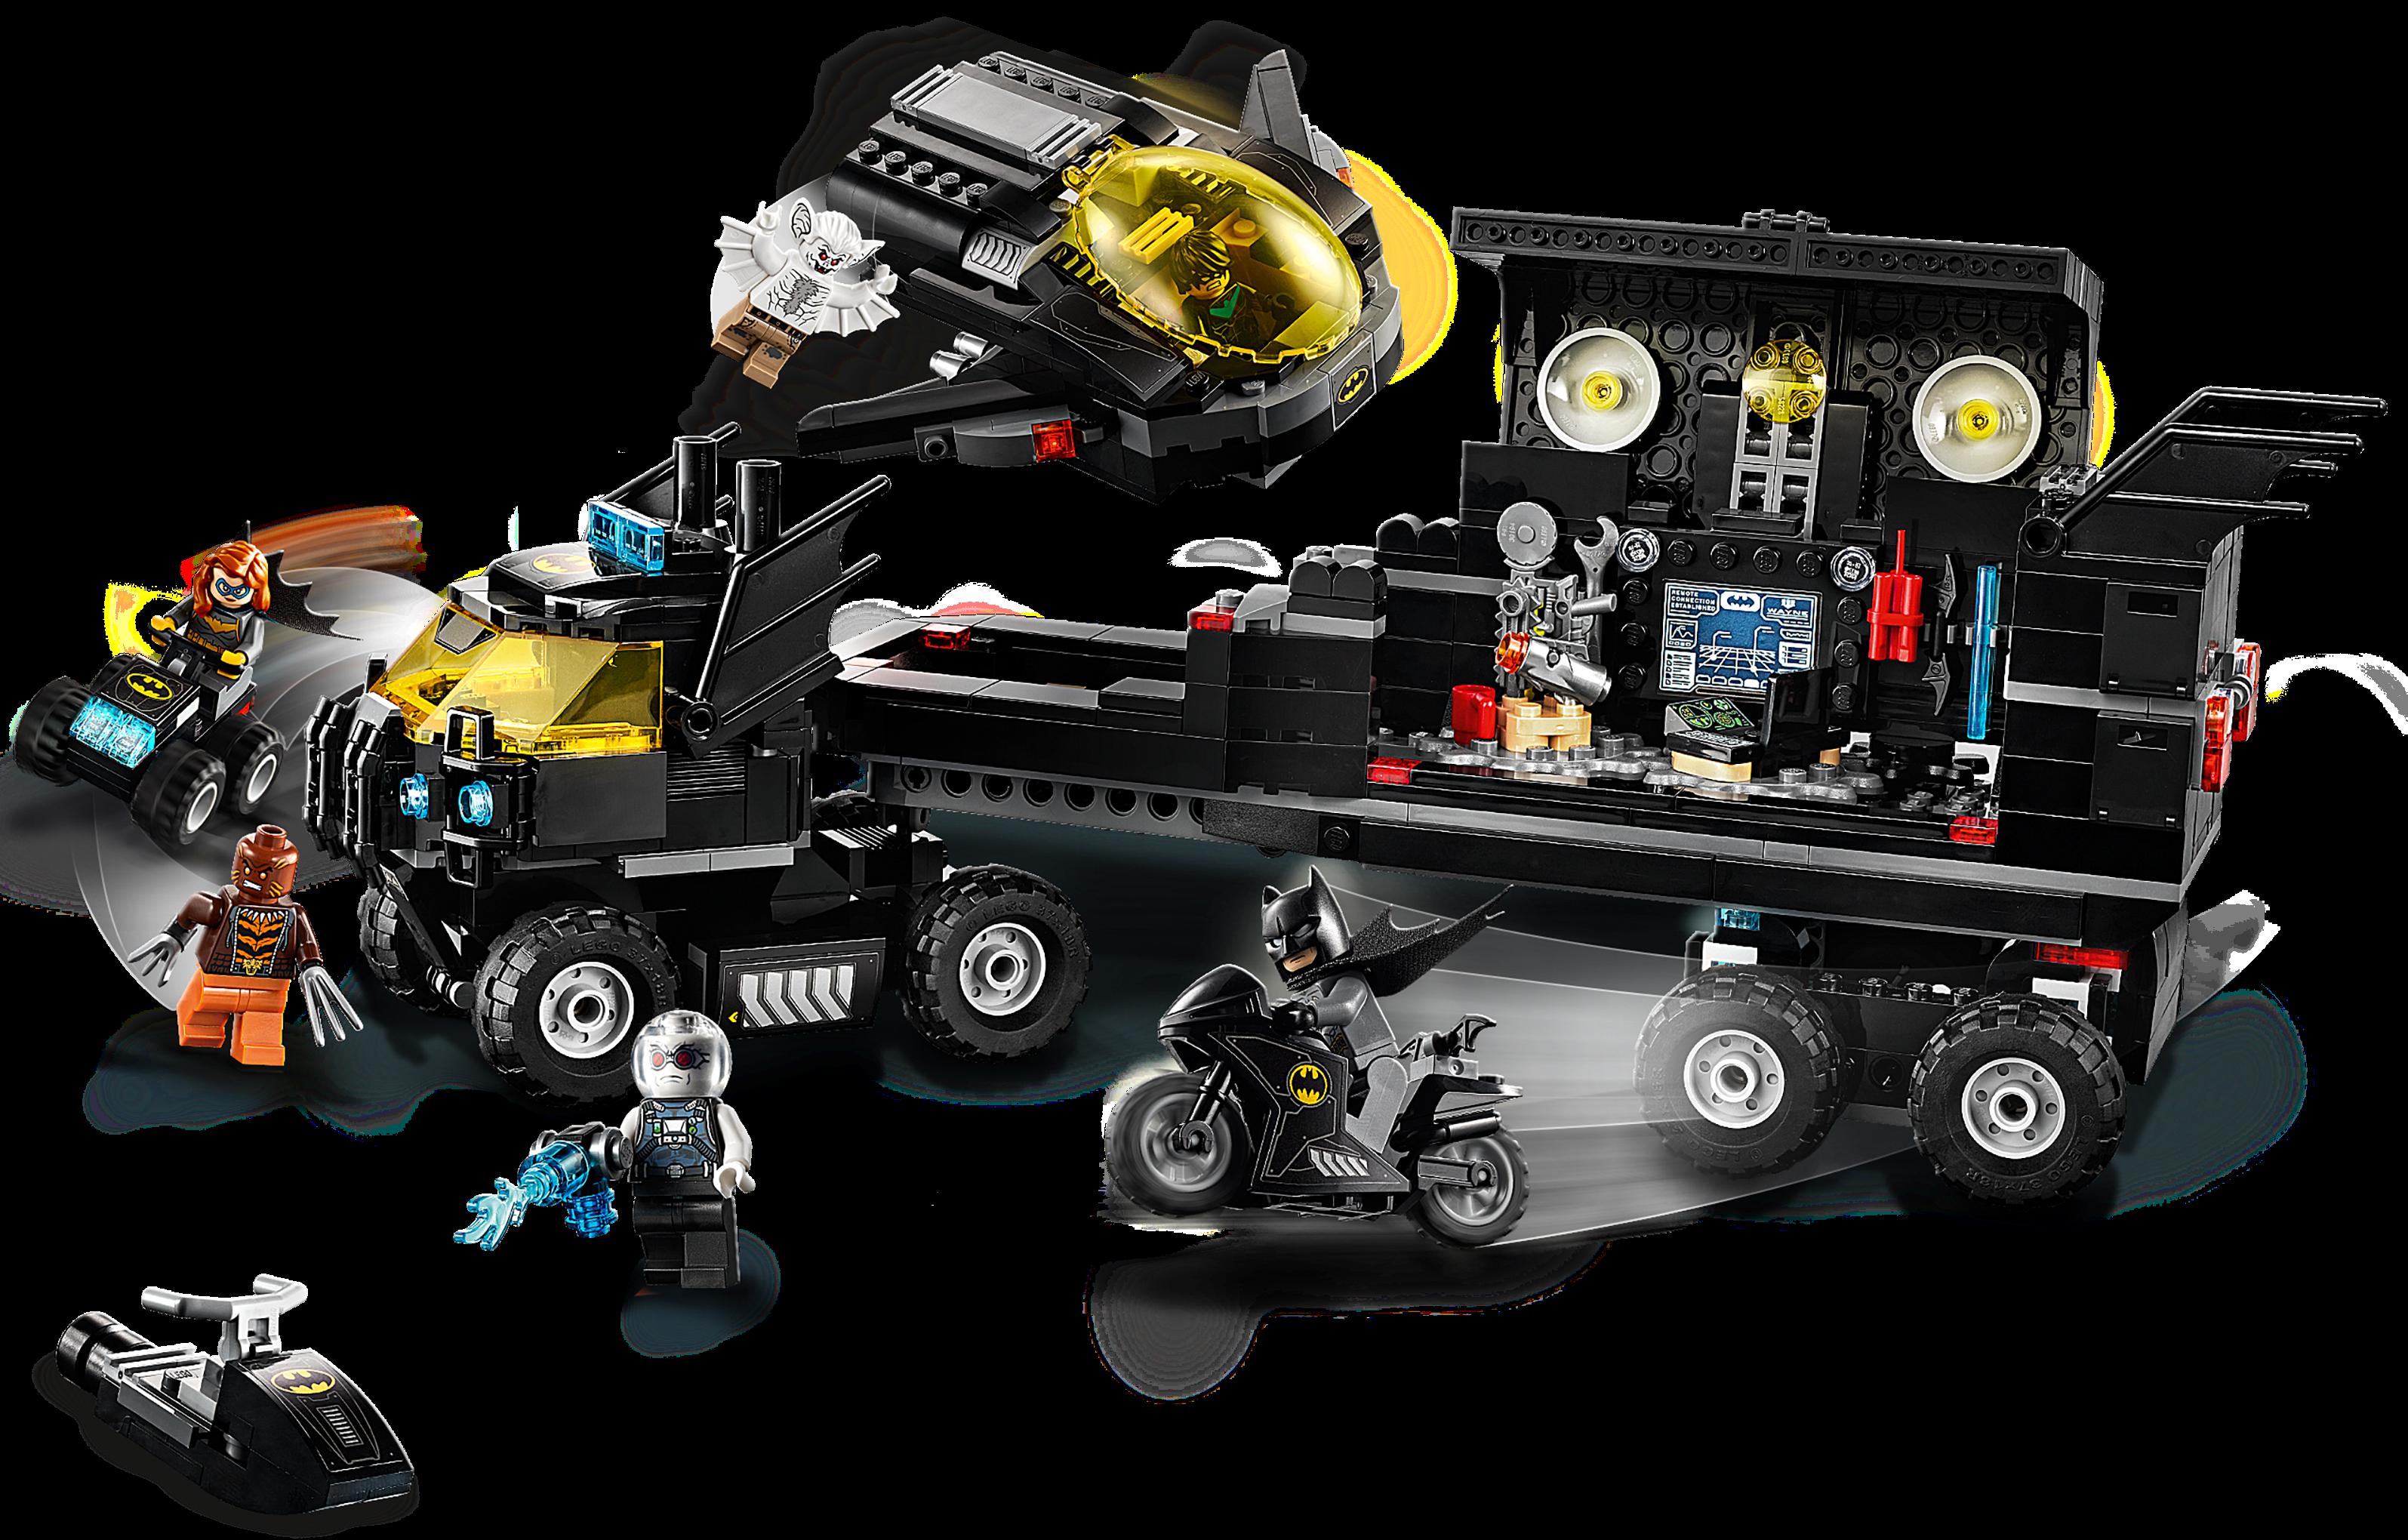 Mobile Bat Base 76160 Dc Buy Online At The Official Lego Shop Us